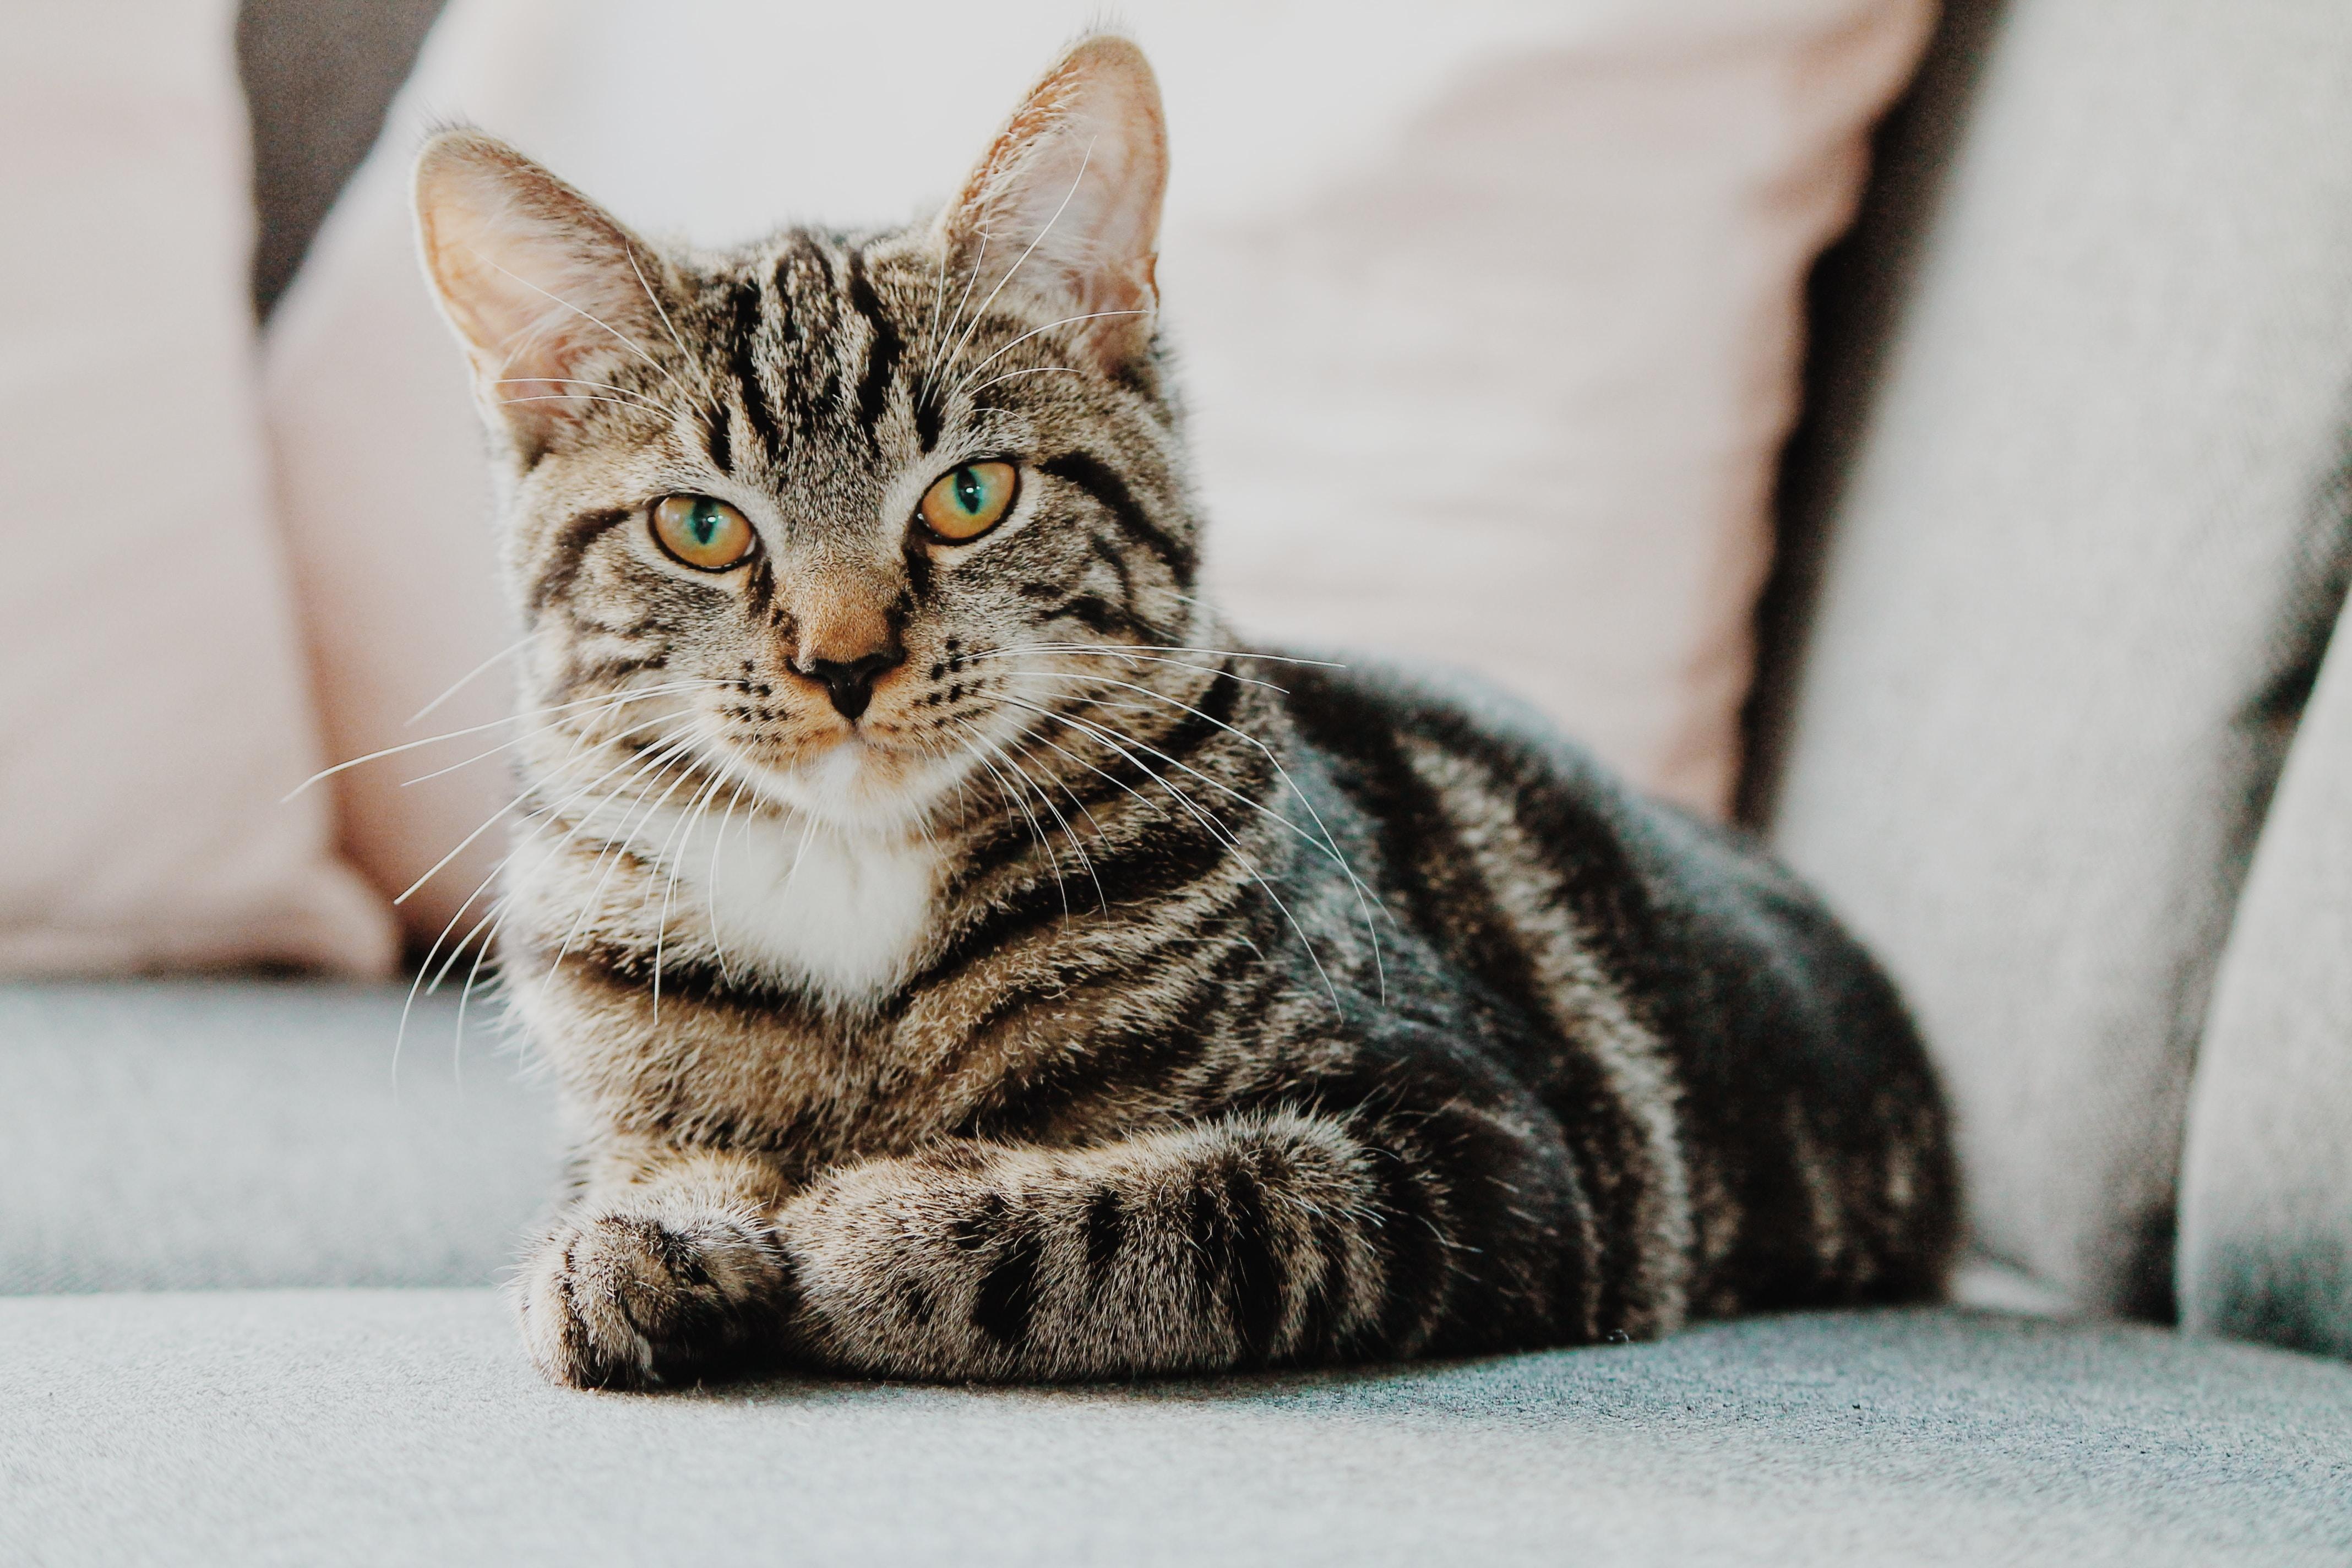 veliki ljubitelj maca galerije milf porno pic